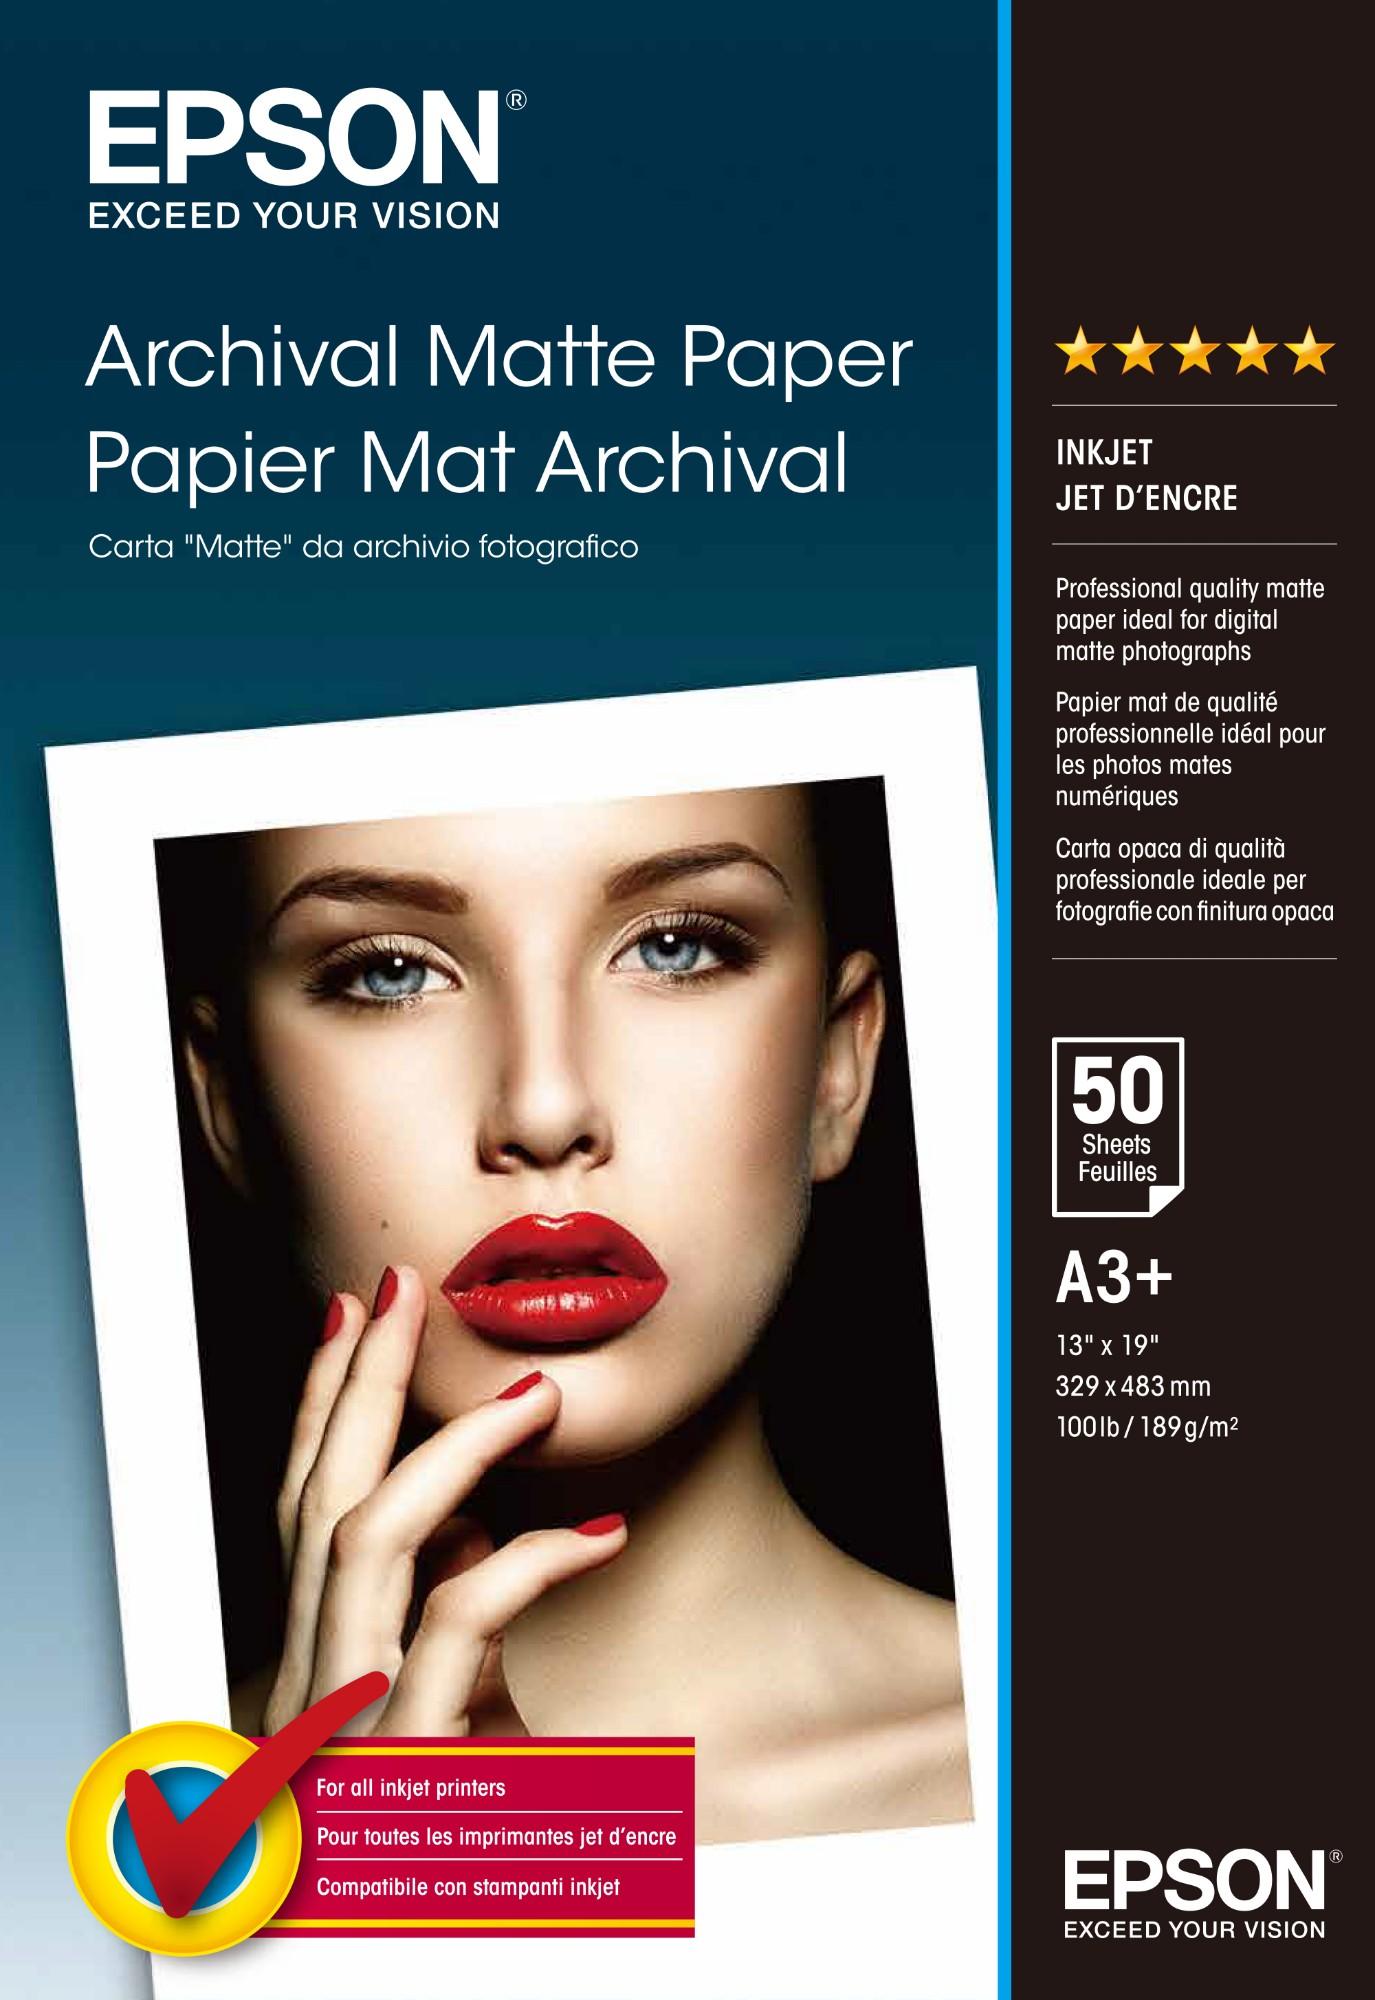 Epson Archival Matte Paper, DIN A3+, 189g/m², 50 Sheets